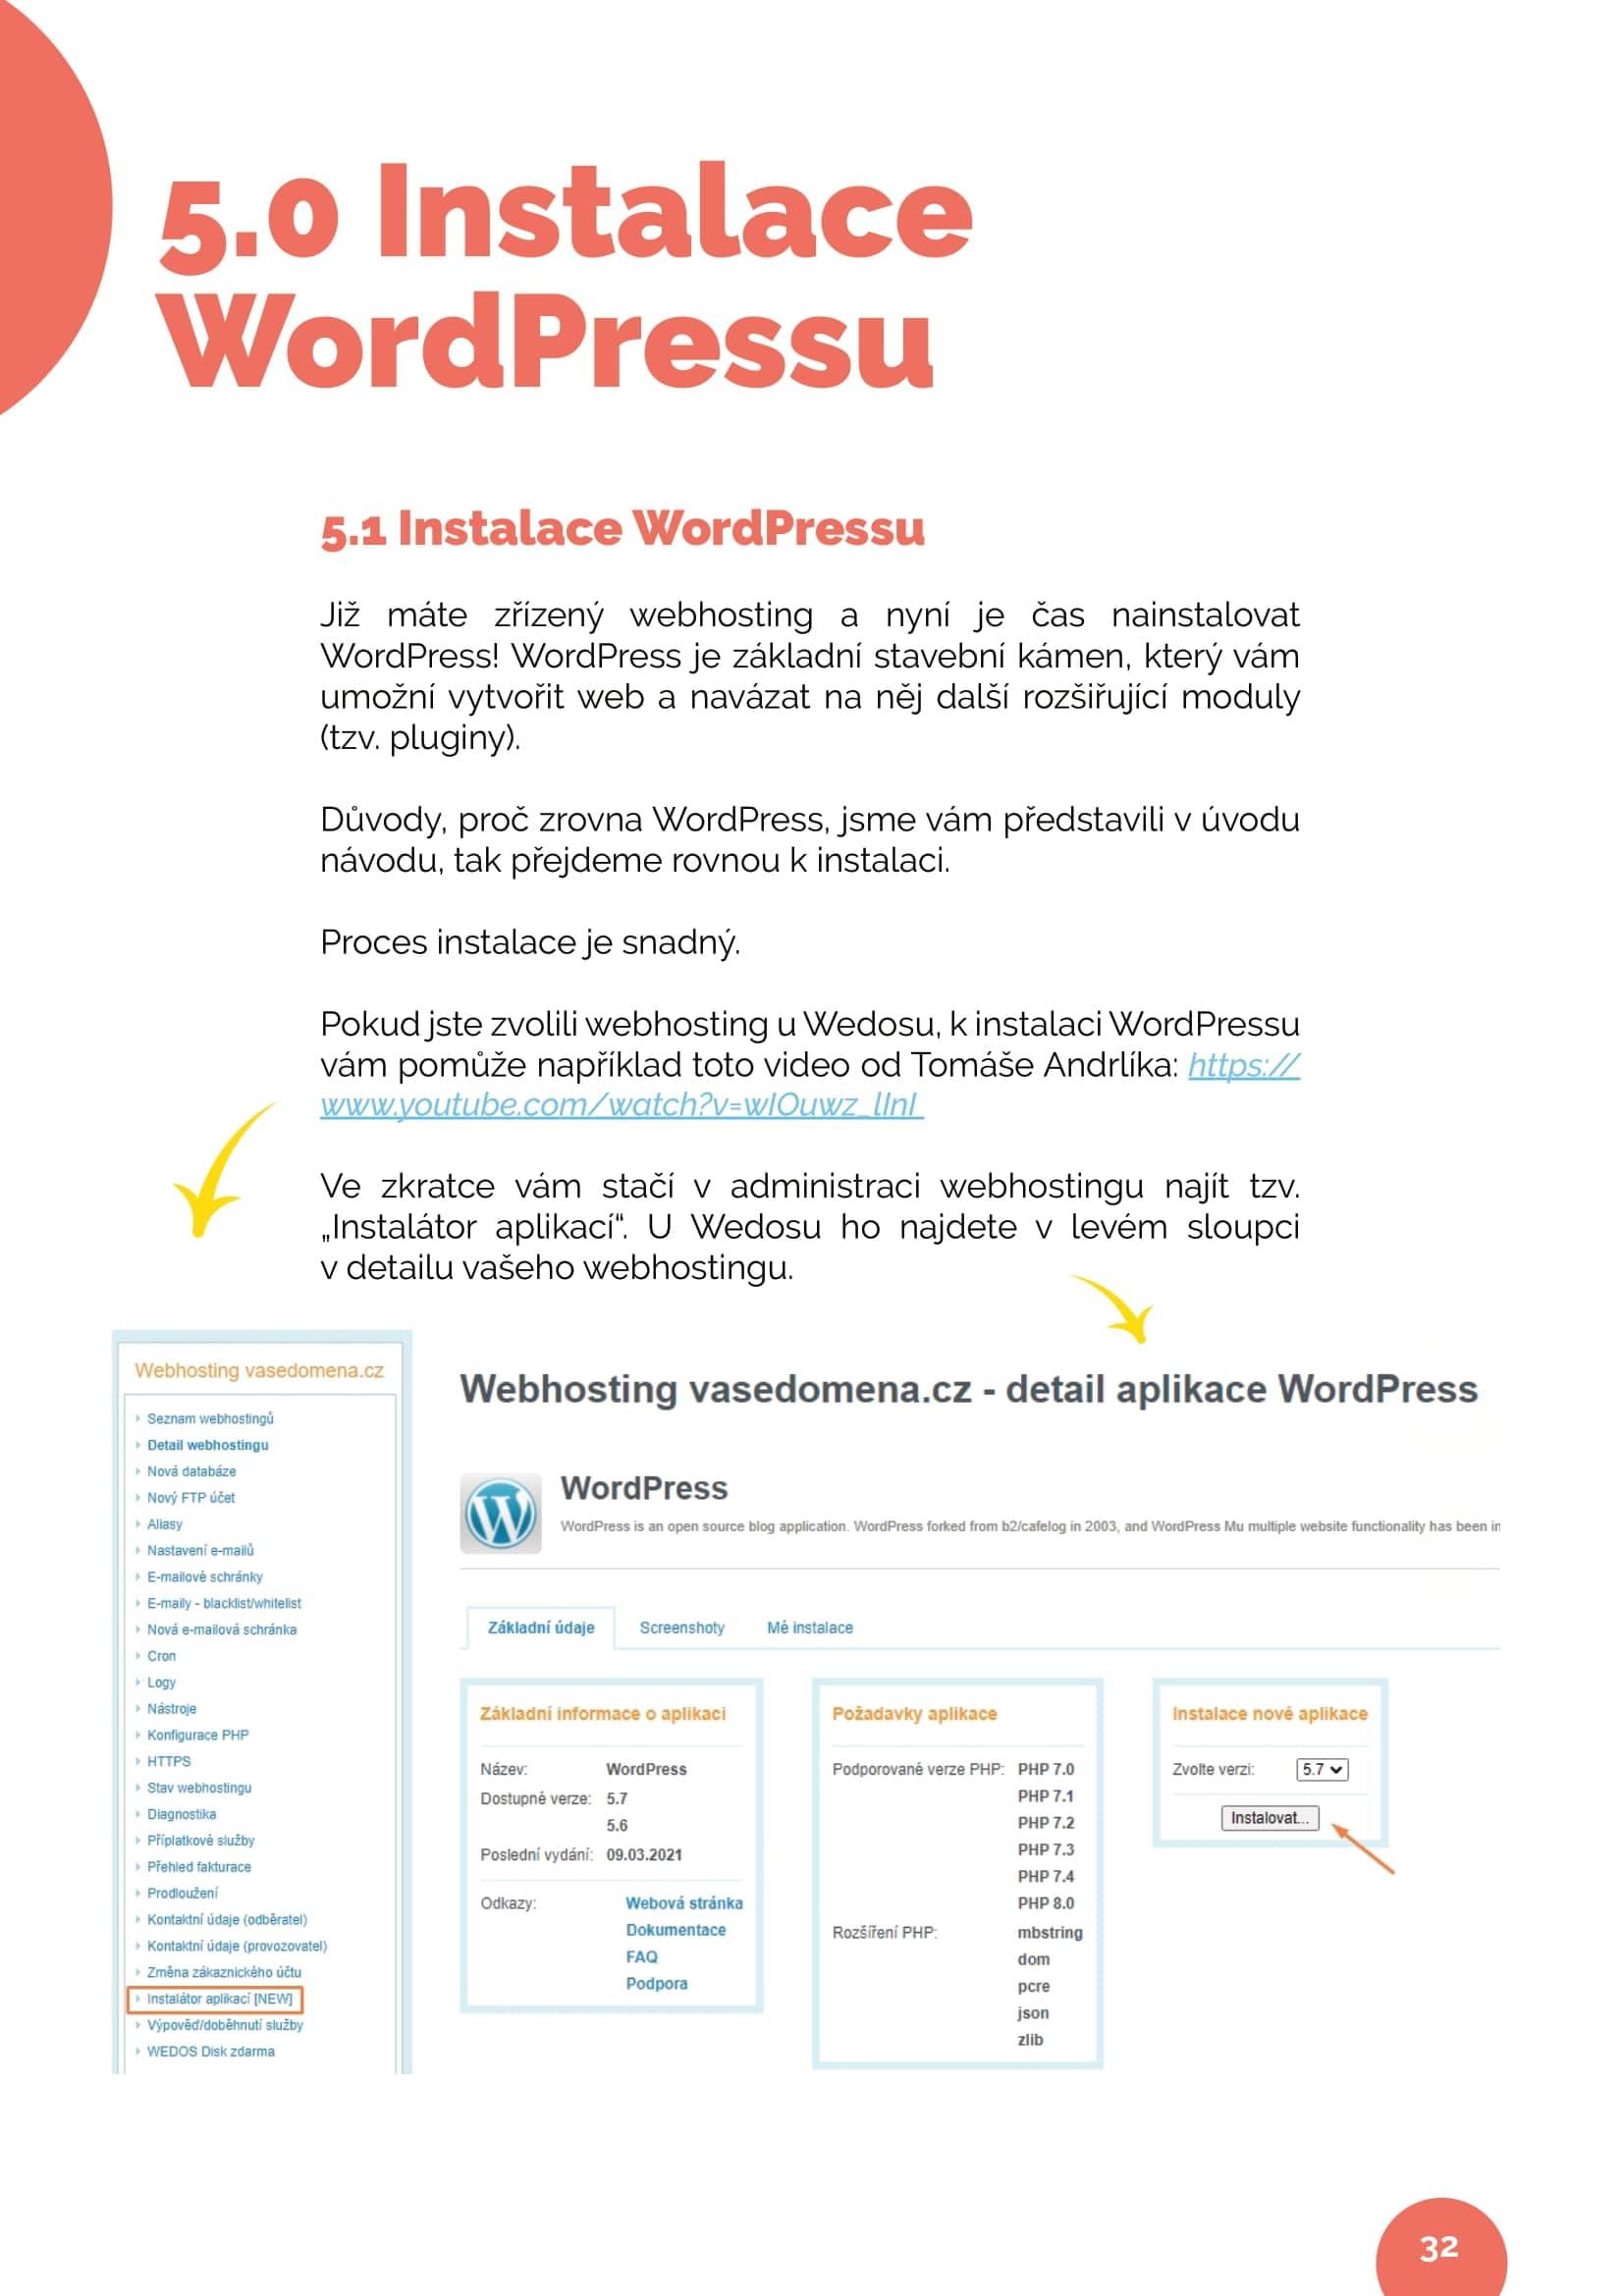 Instalace WordPressu ukázka kapitoly 5